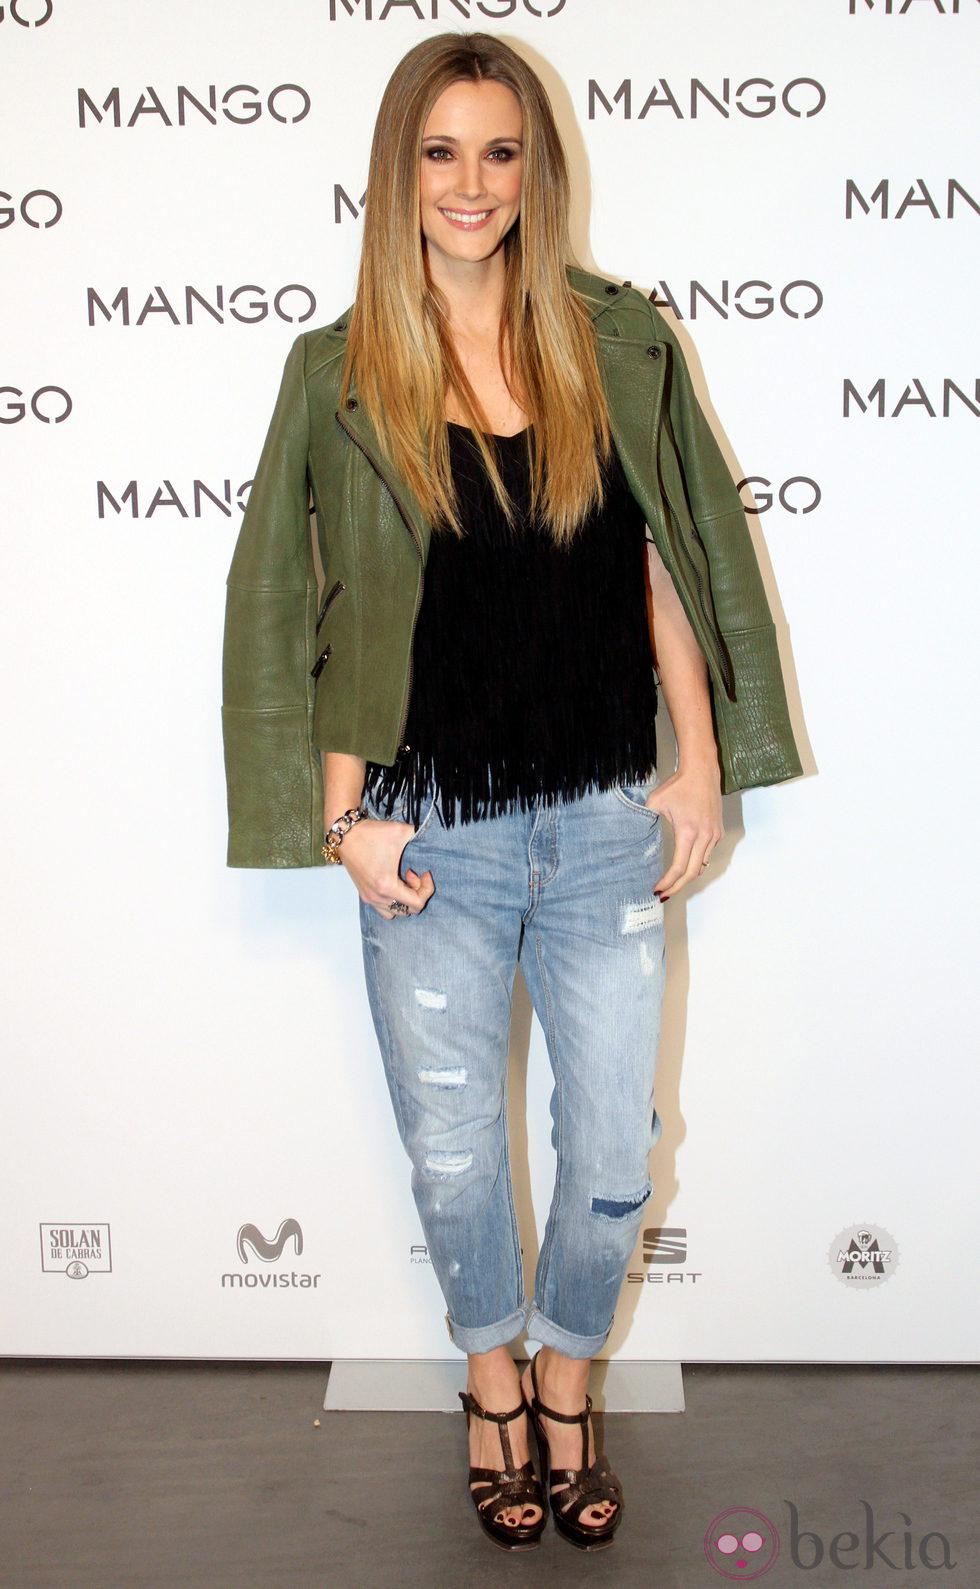 Astrid Klisans en el desfile de Mango en 080 Barcelona fashion primavera/verano 2015